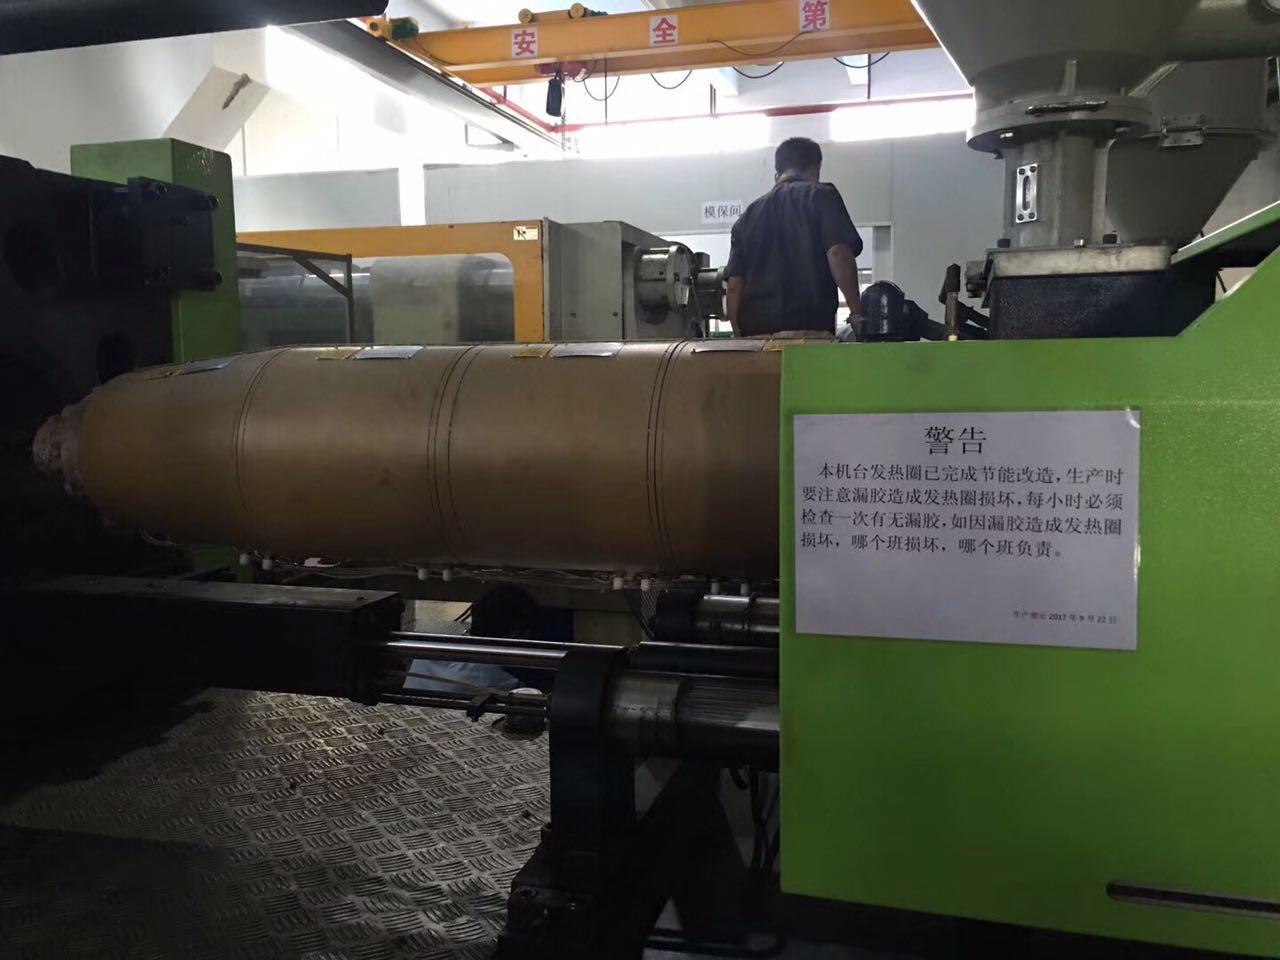 信誉好的塑胶机械节能改造,优选洪晋机械设备 淮安纳米红外节能加热圈